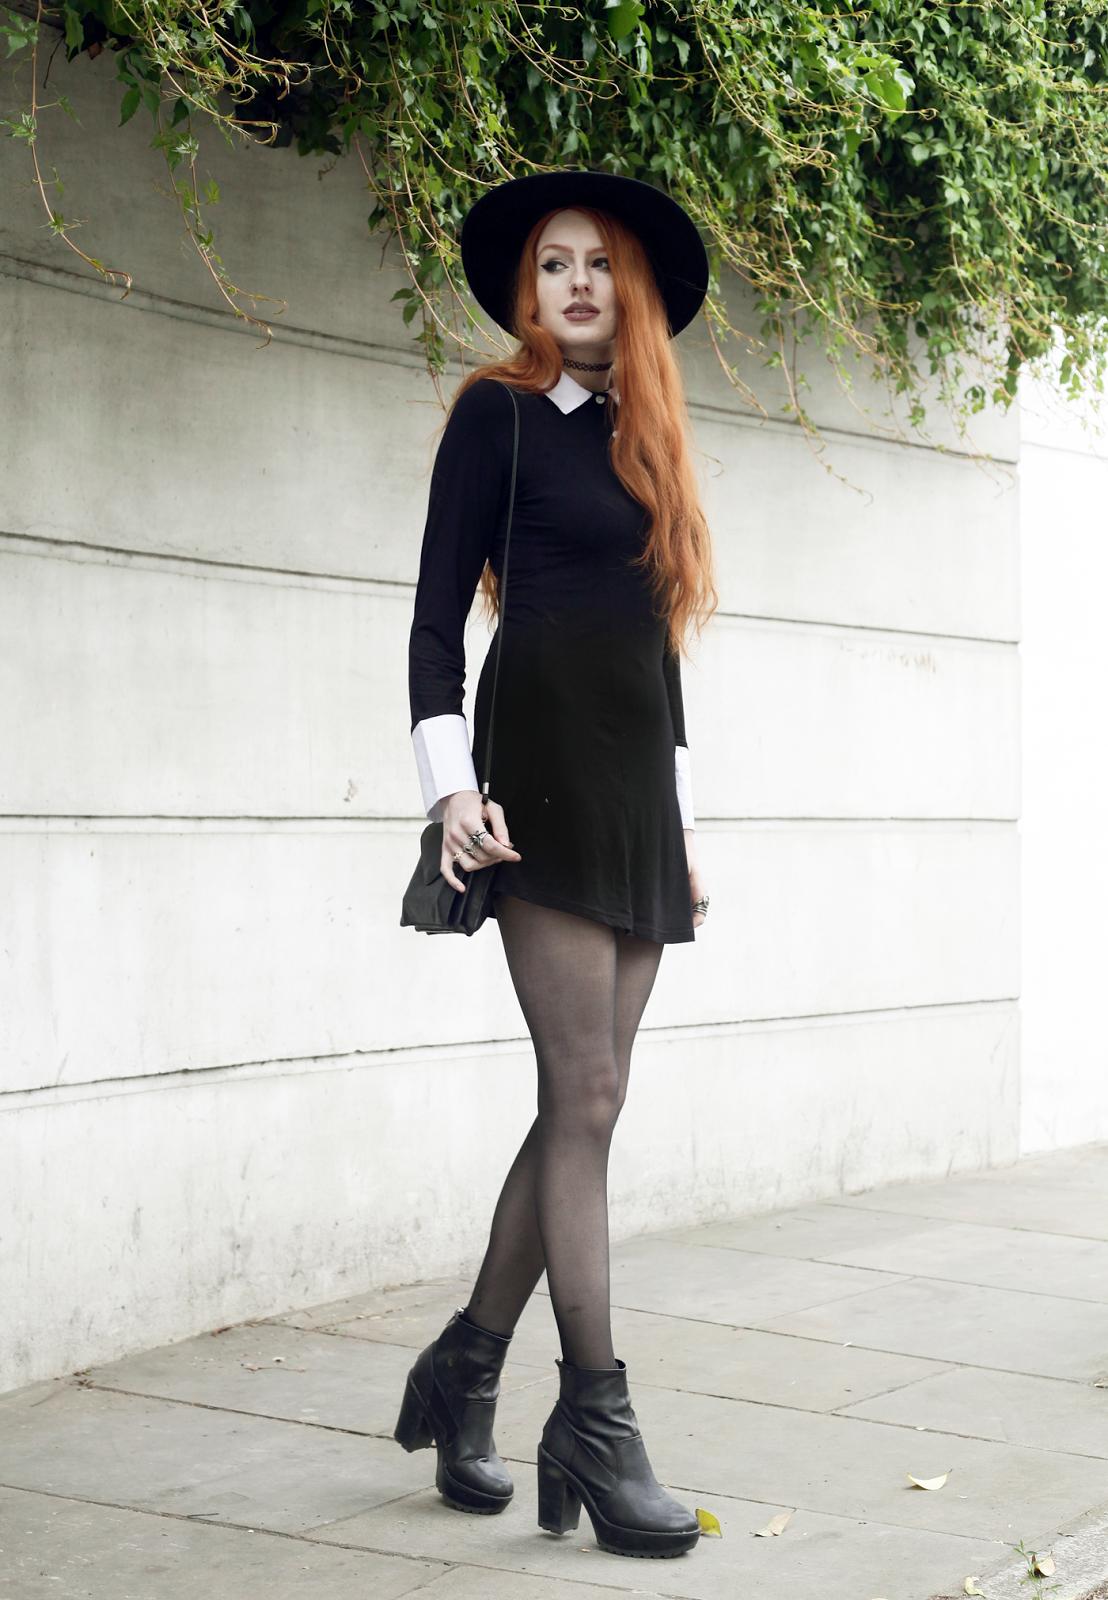 Olivia Emily - UK Fashion Blog.: Wednesday on a Thursday # ...